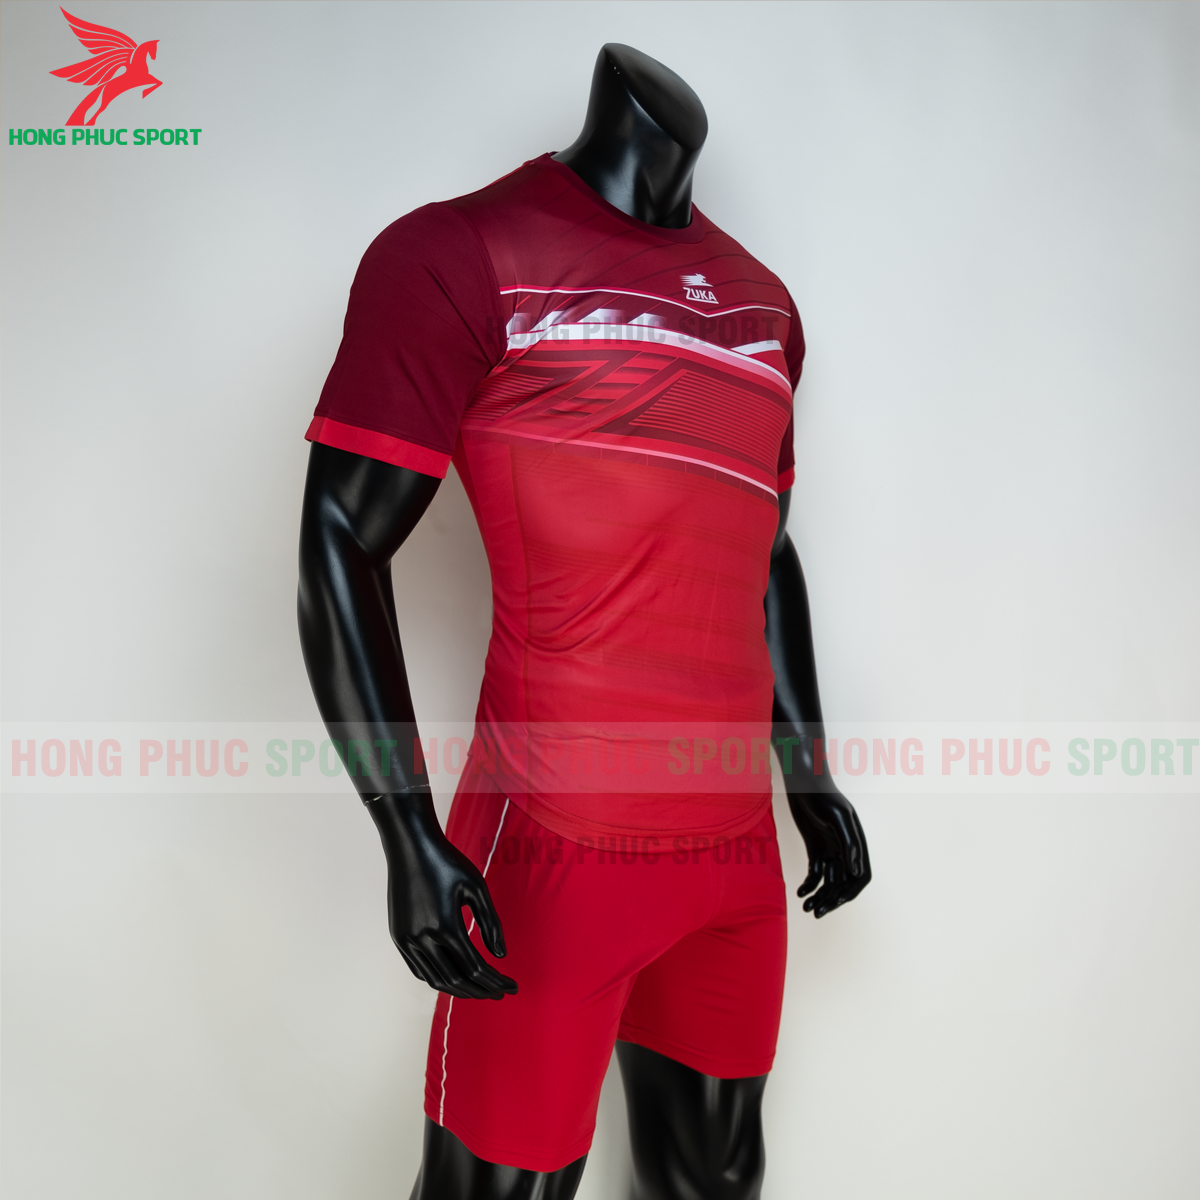 https://cdn.hongphucsport.com/unsafe/s4.shopbay.vn/files/285/ao-bong-da-khong-logo-zuka-01-mau-do-6-60502d516963b.png